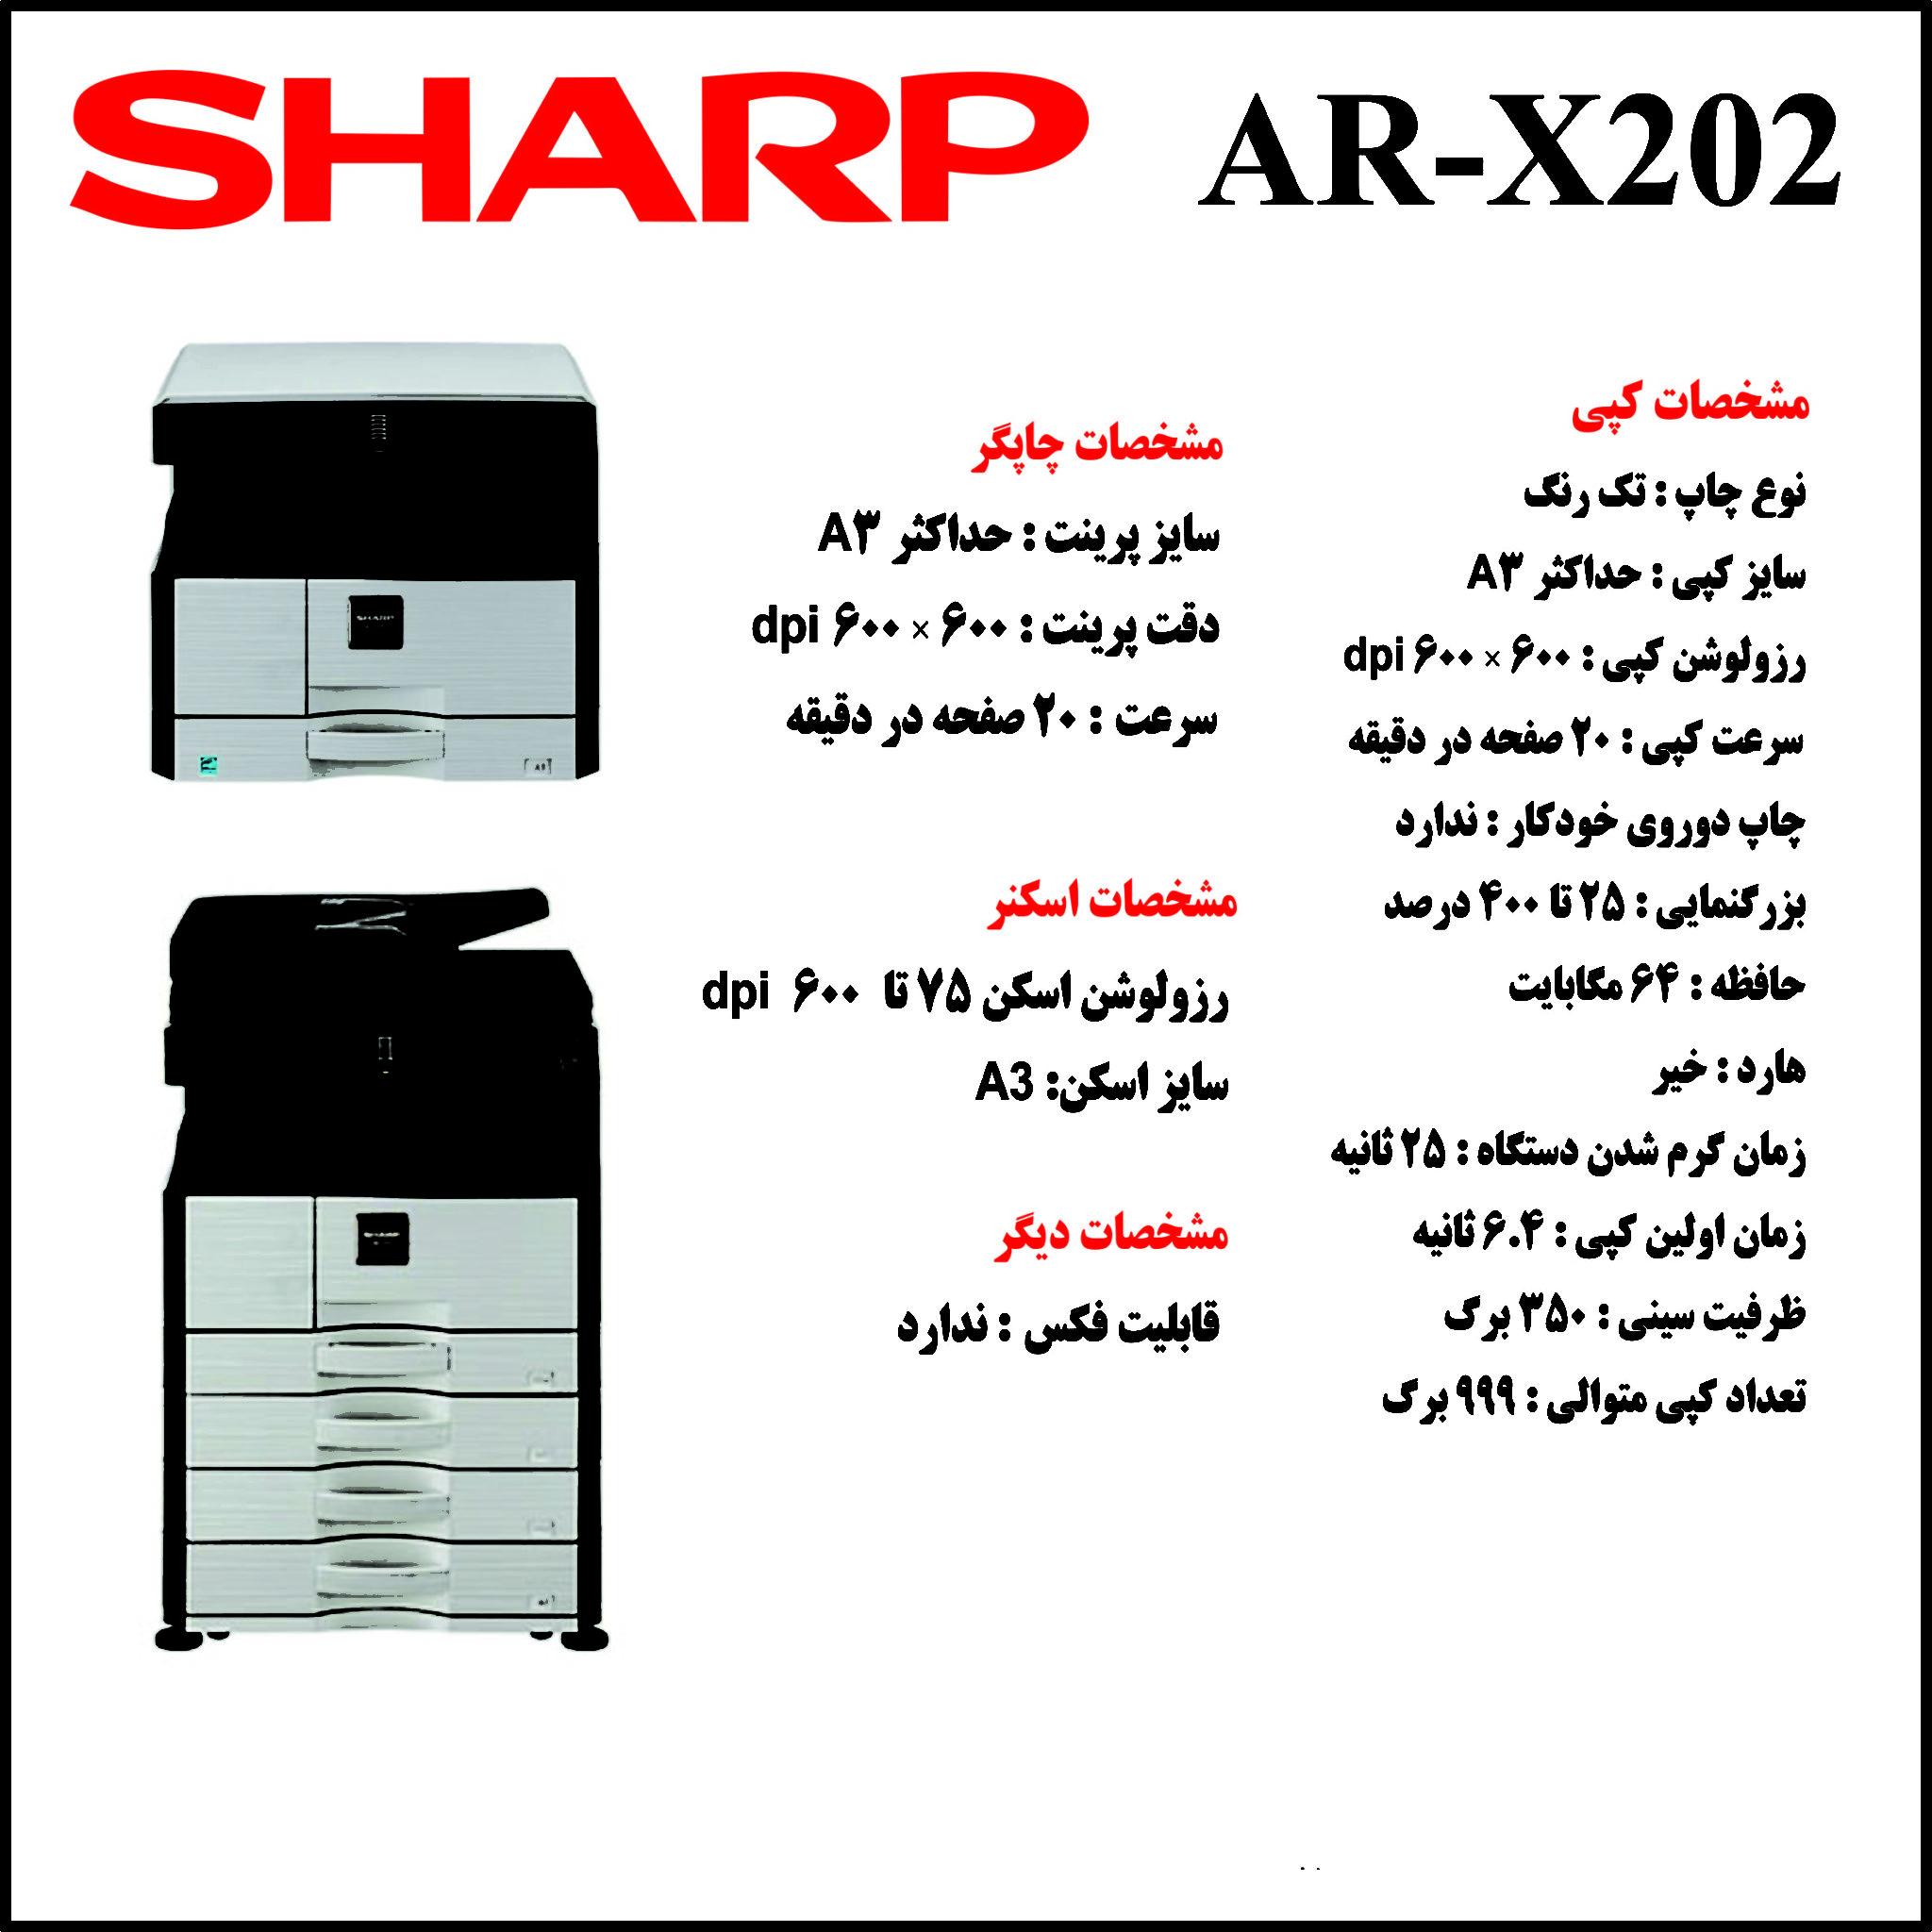 دستگاه کپی AR-X202 فیدر دار شارپ دارای قابلیت های پرینت ، کپی و اسکن است و می تواند این قابلیت ها را با تکنولوژی لیزر انجام دهد